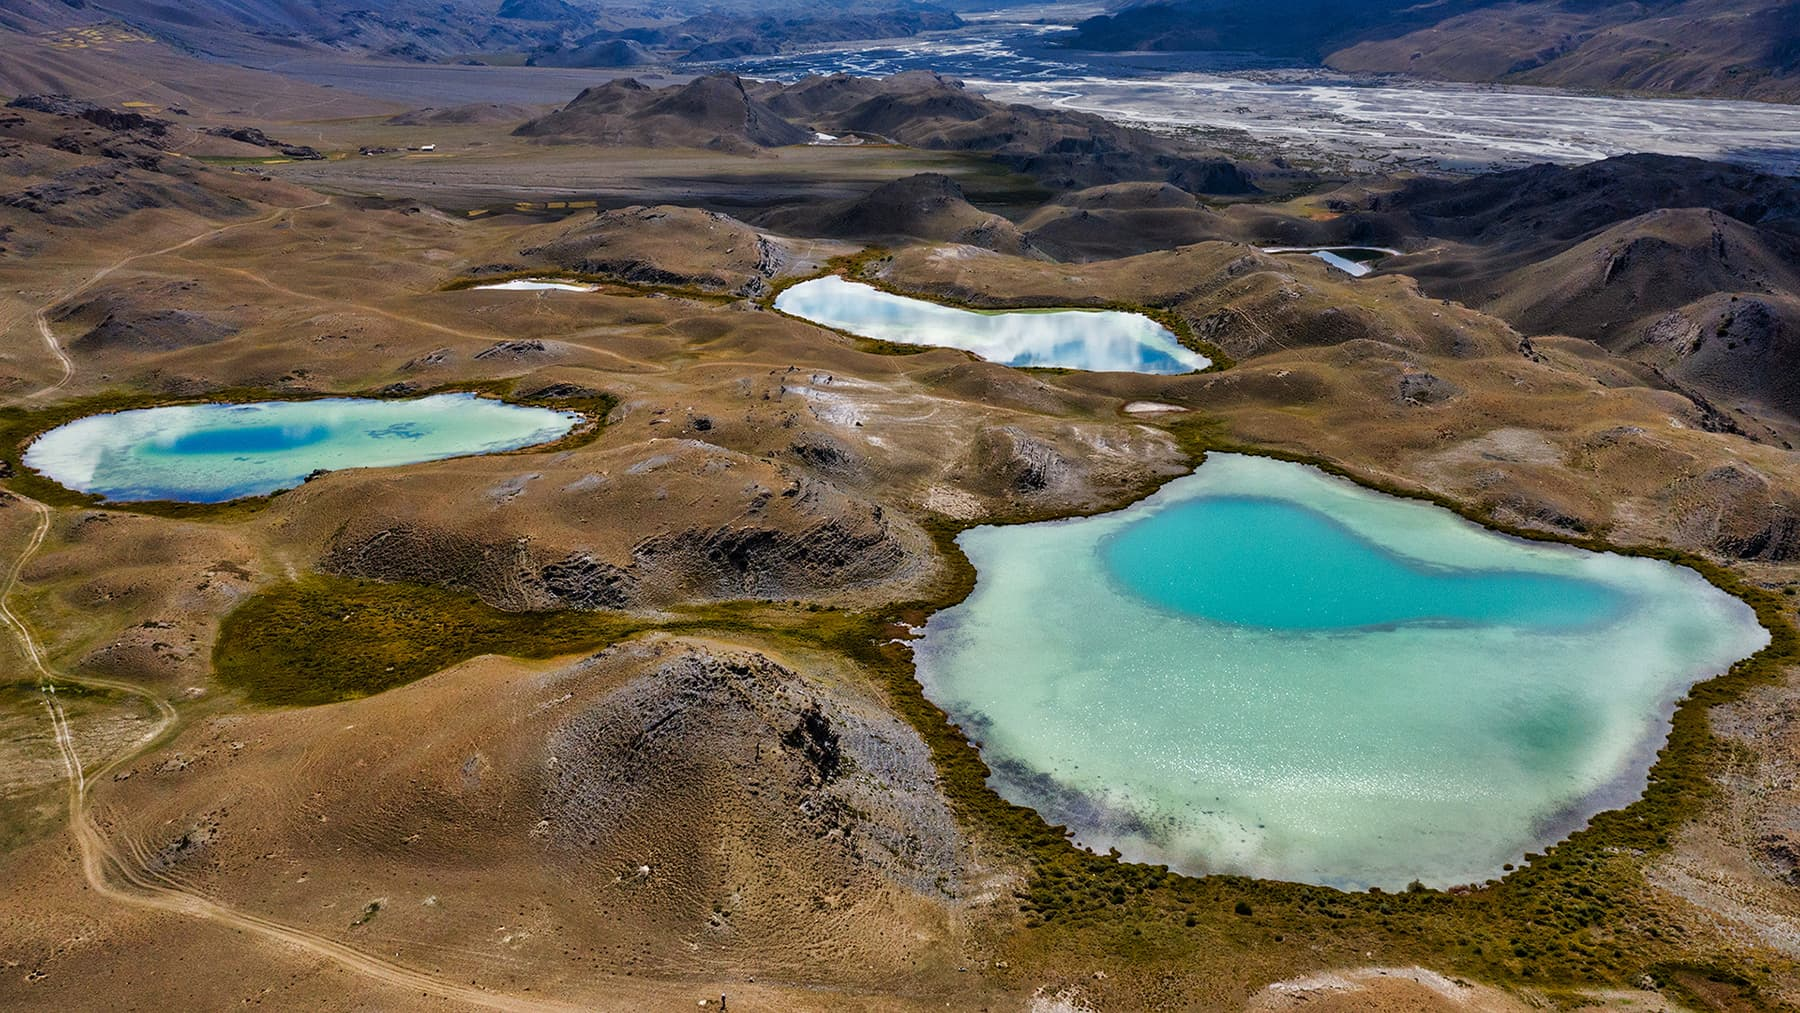 لشکر گاز کے قرب و جوار میں واقع جھیلیں—سید مہدی بخاری